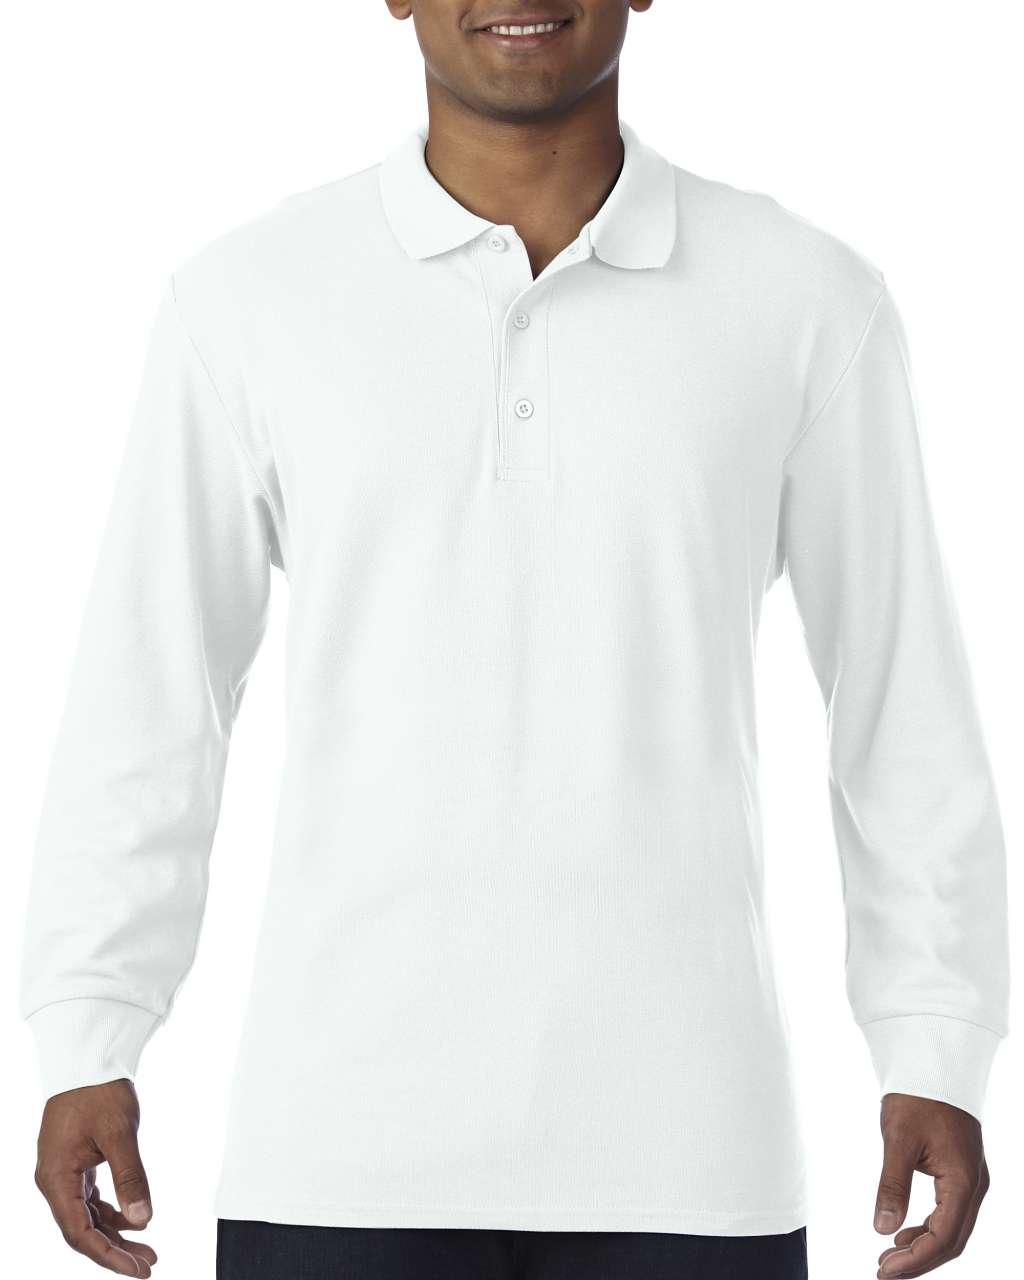 Gildan GI85900 férfi hosszú ujjú galléros pamut póló - Fehér ... 3466c7dc12